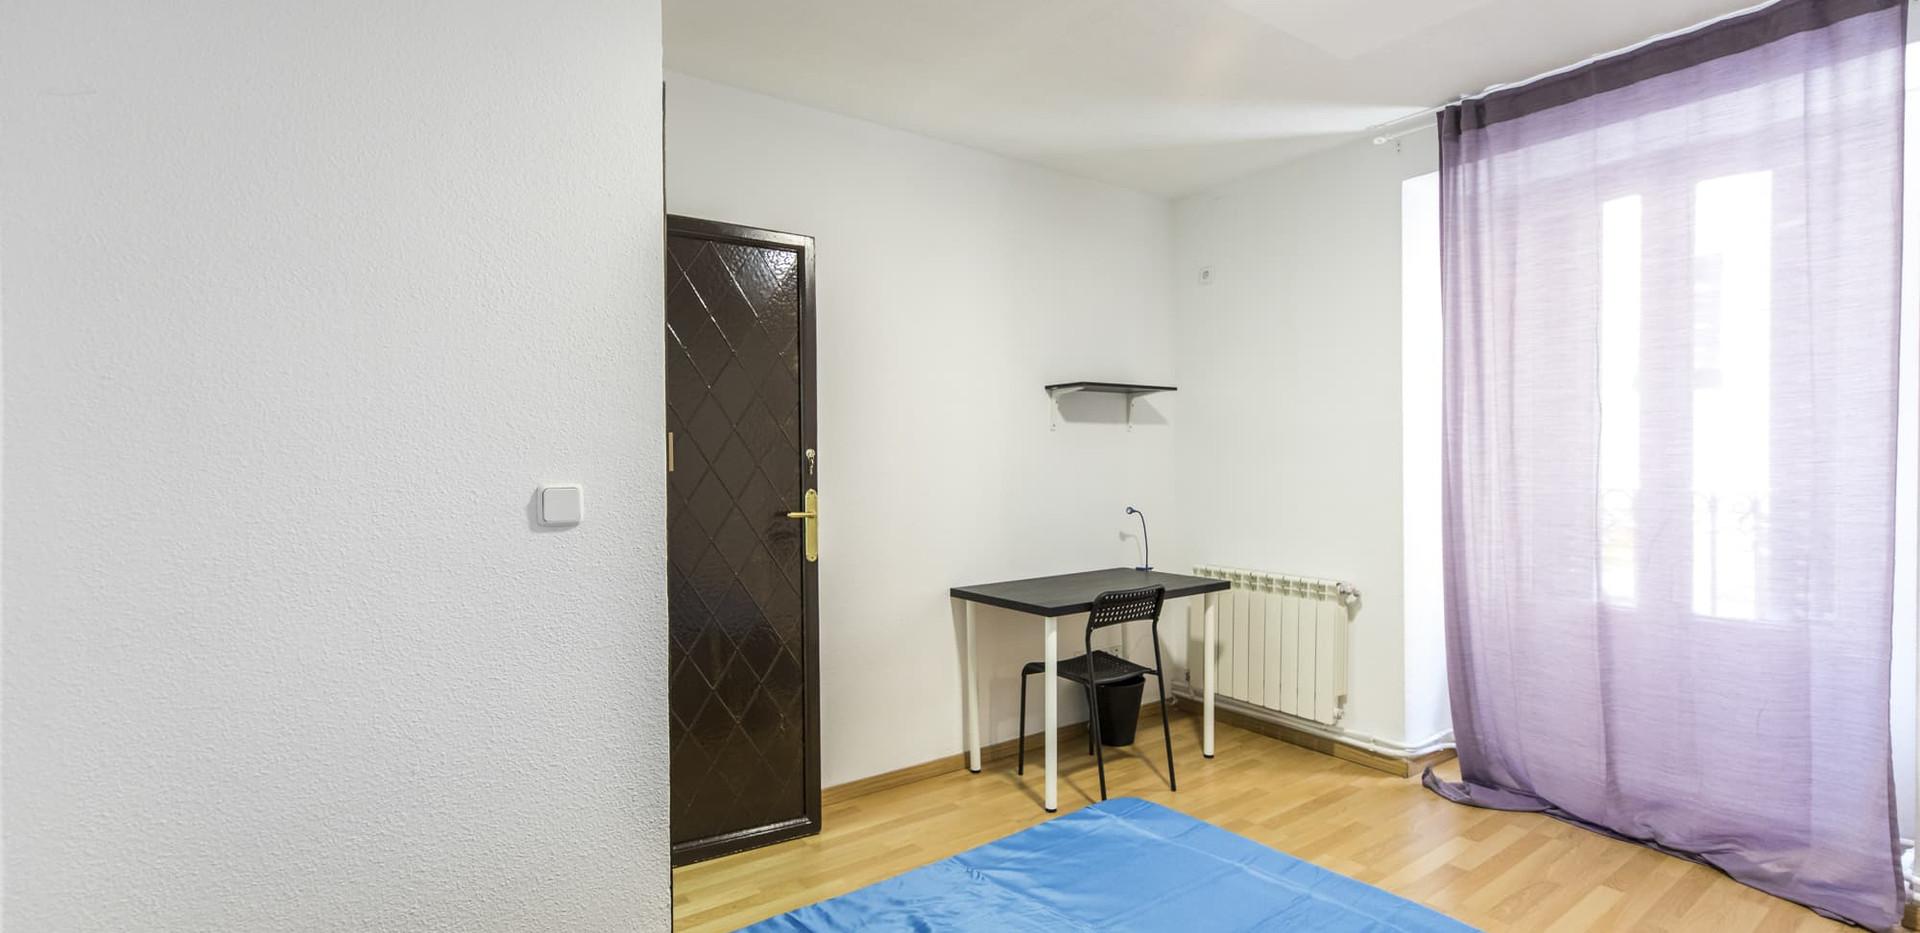 Habitación 8b.jpg